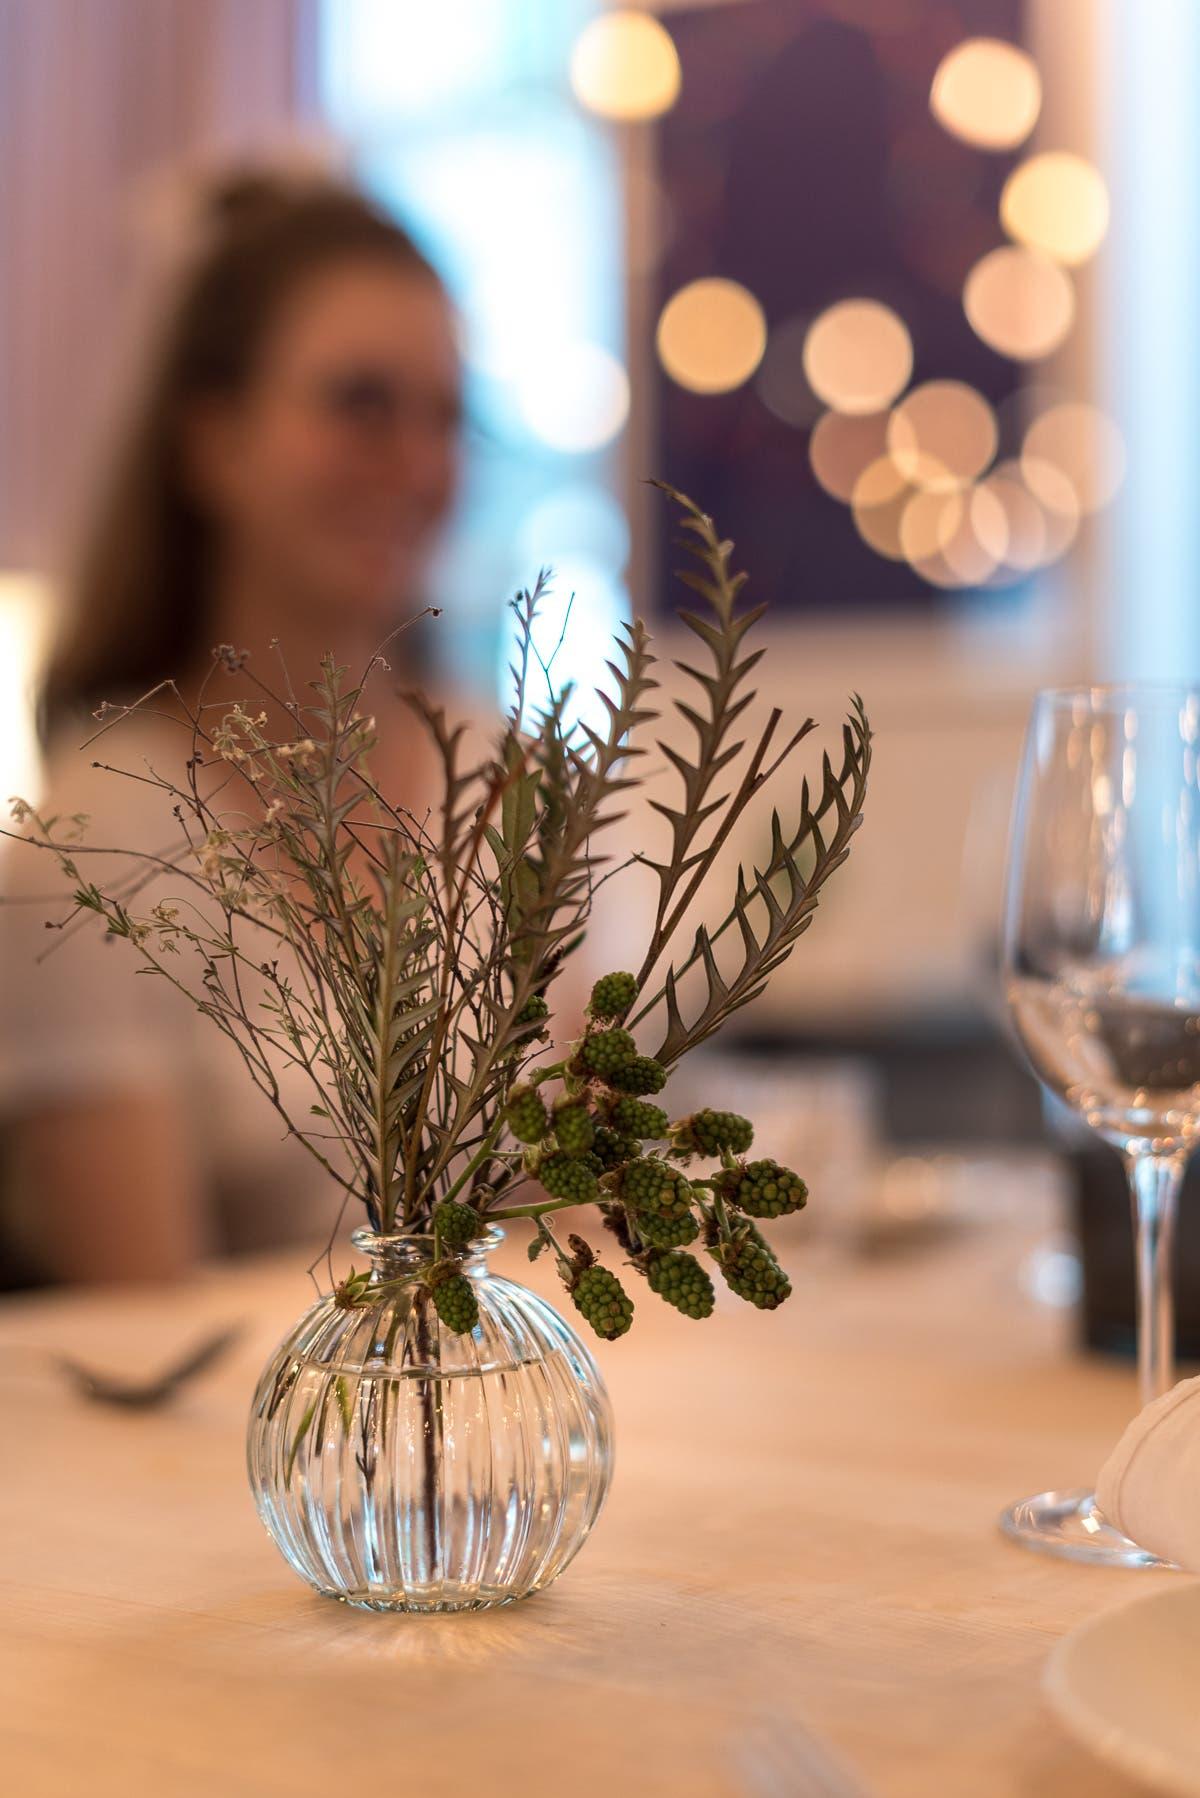 Tischdekoration mit einer Vase und grünen Zweigen und einem Weinglas.